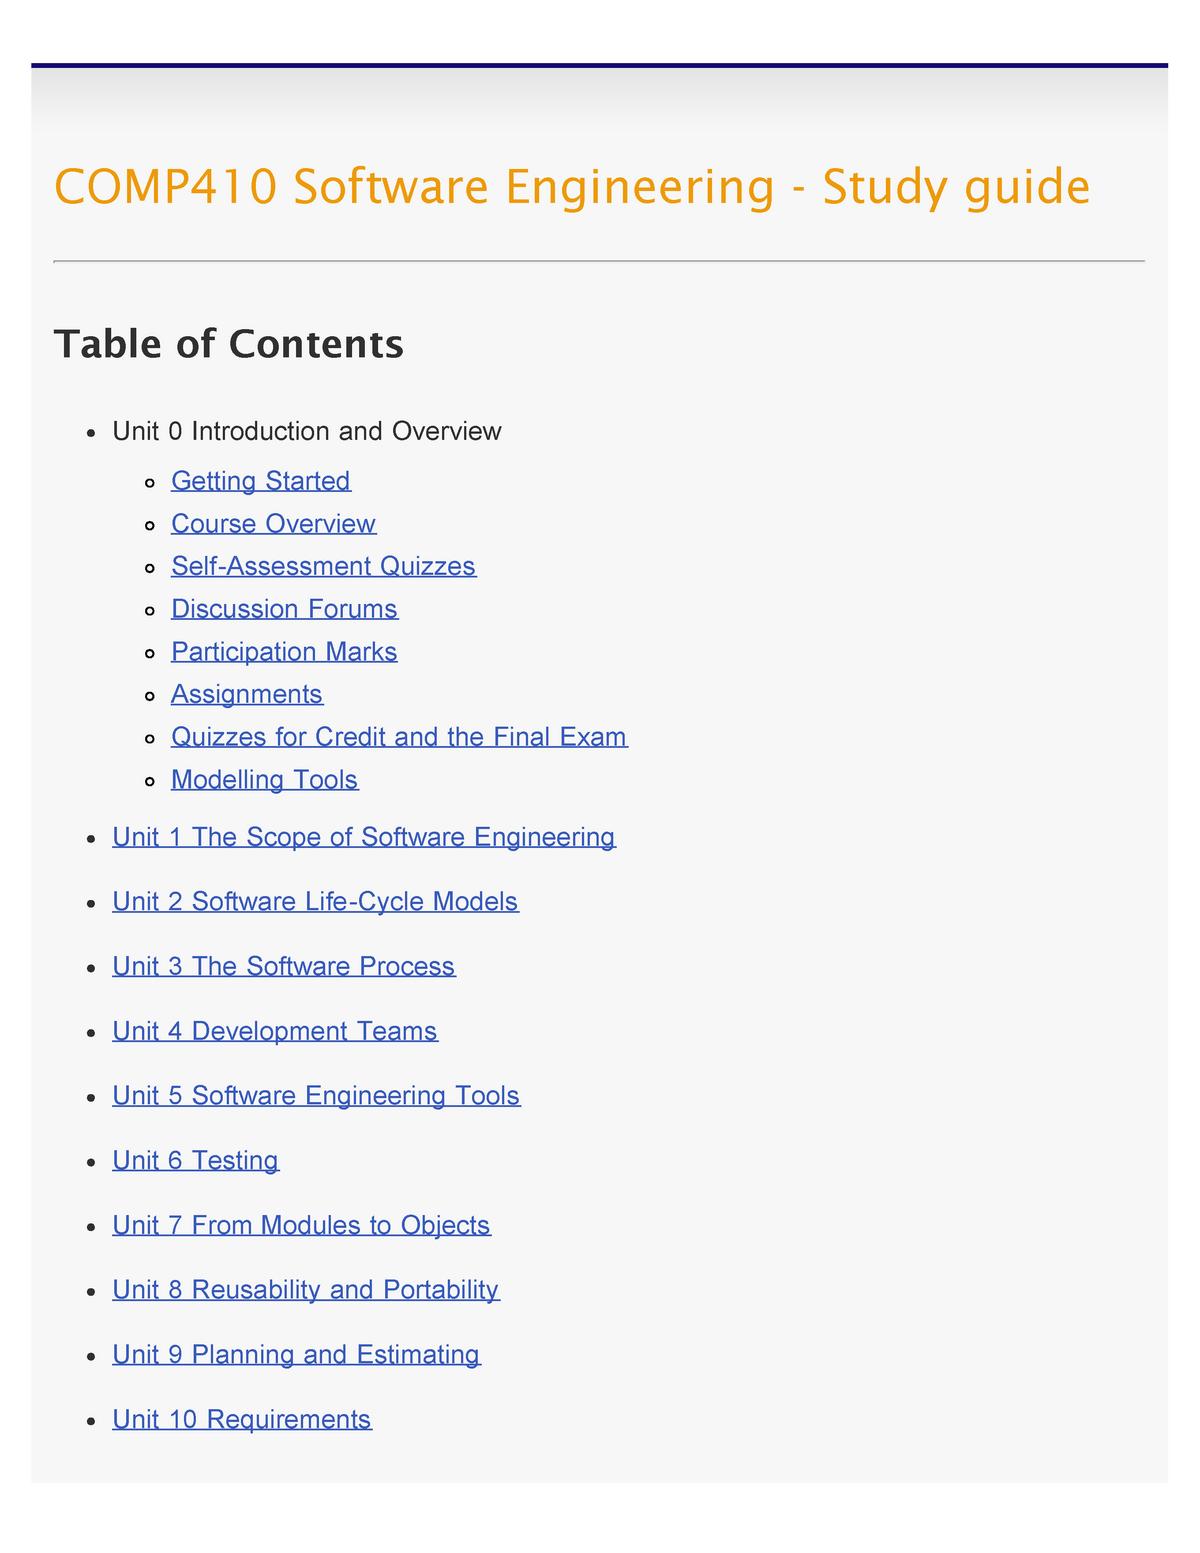 Studyguide - comp3370: Computer organization - StuDocu